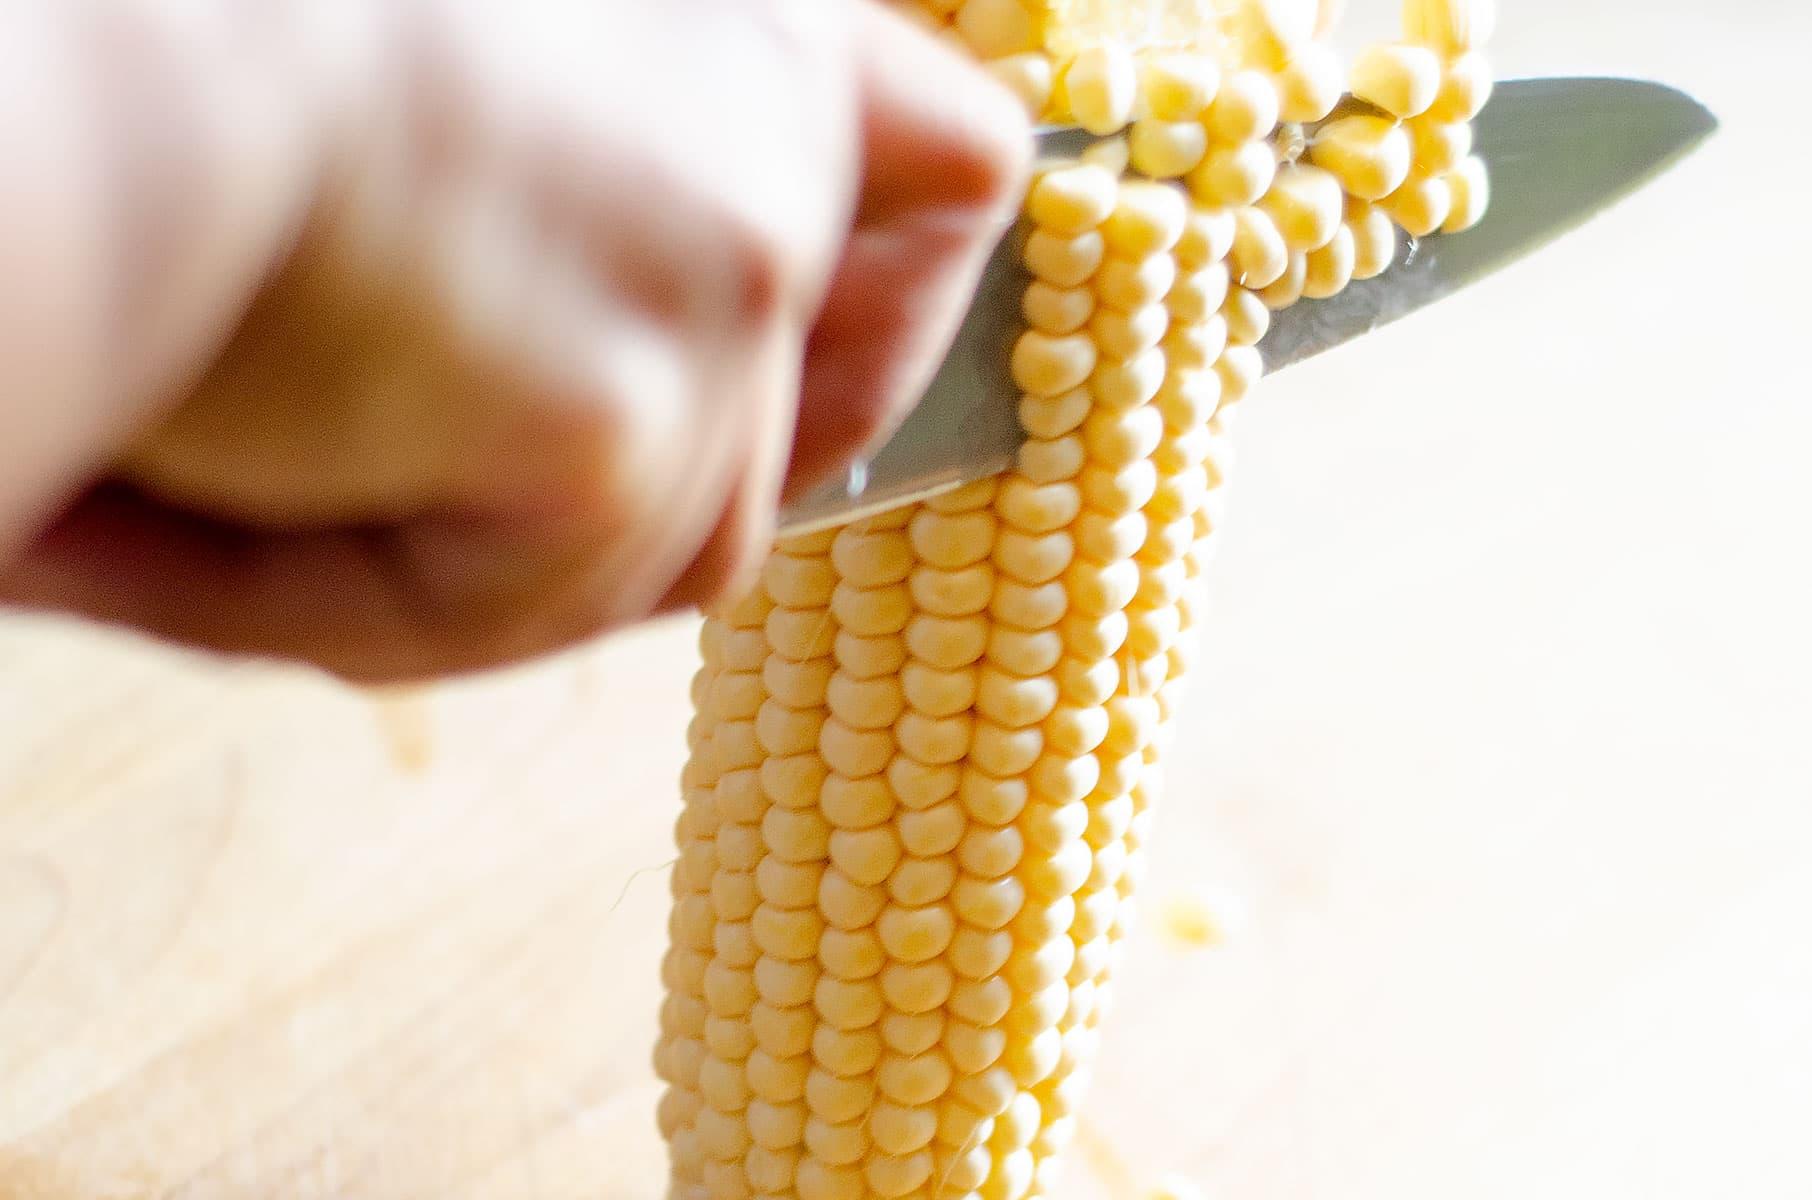 Cortando el maíz